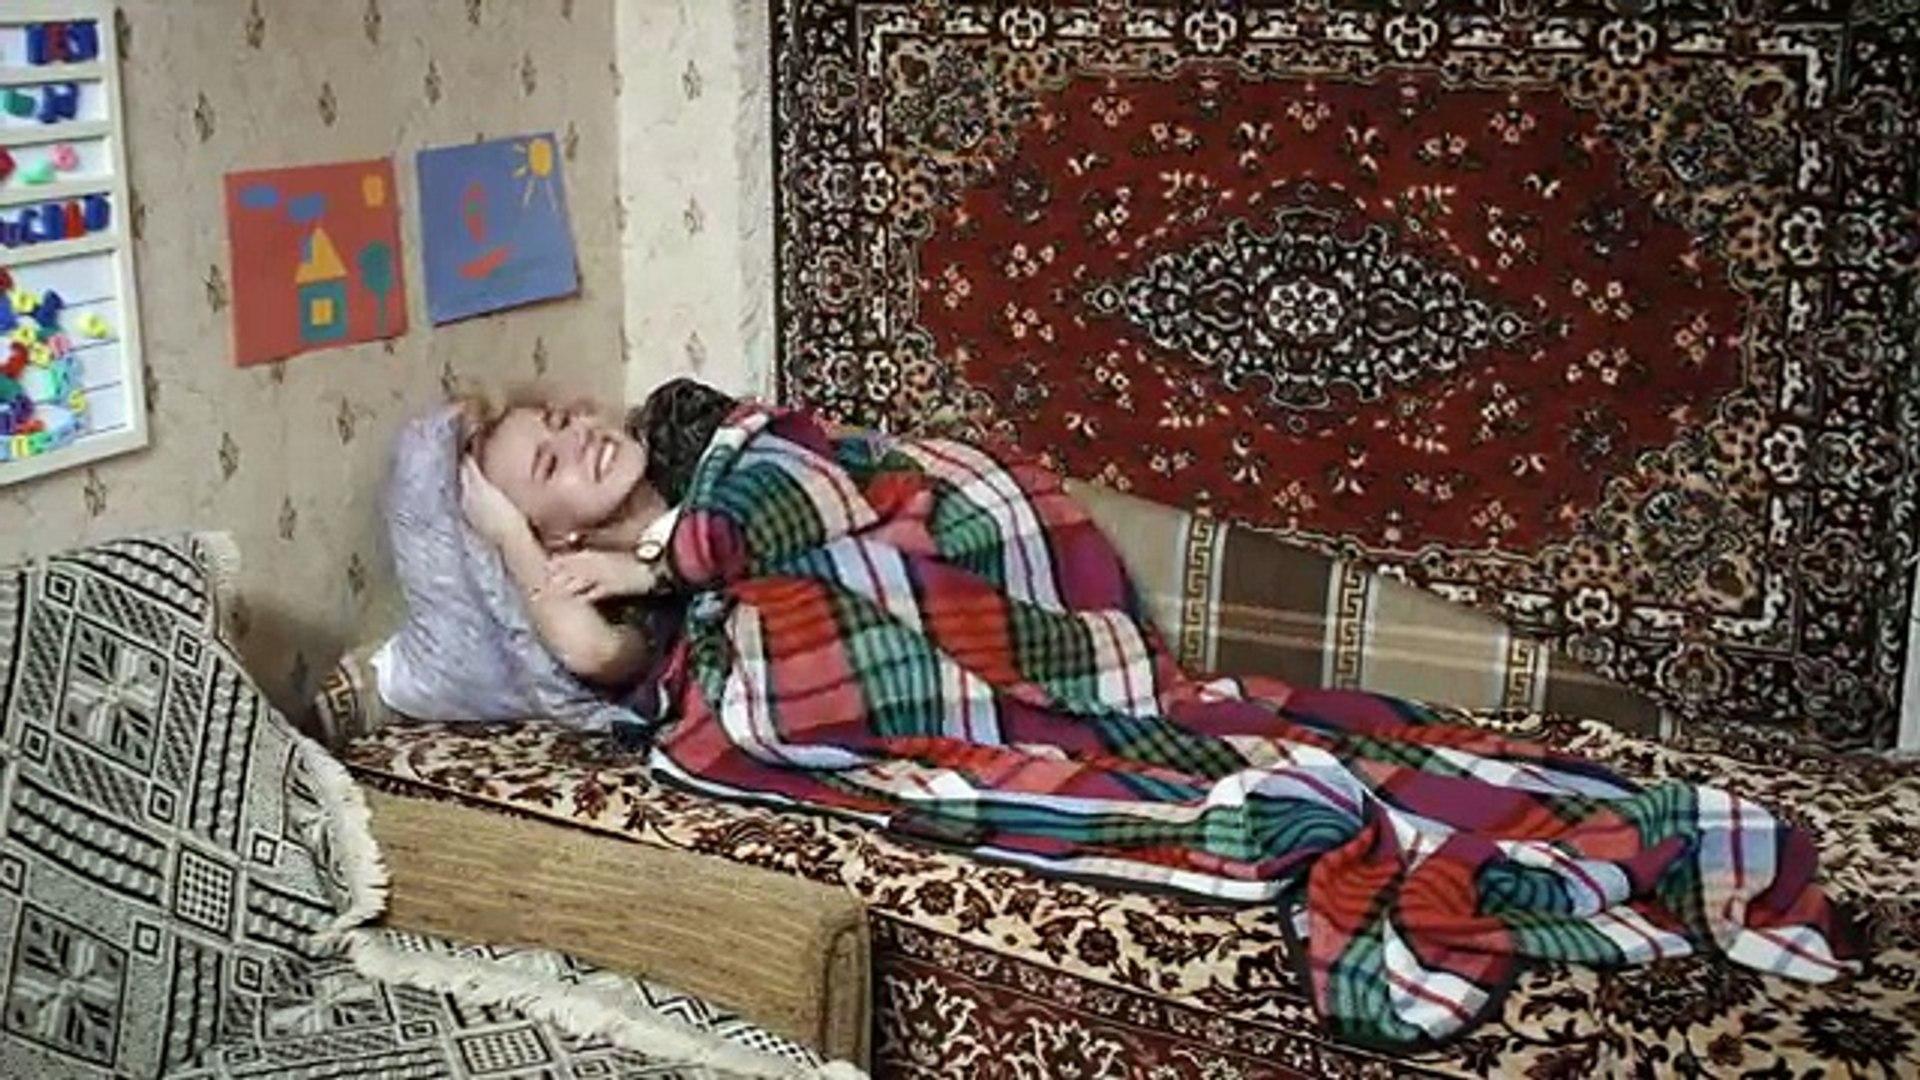 Миндальный привкус любви 2016 серия 7 русская мелодрама новинка смотреть онлайн бесплатно сериал